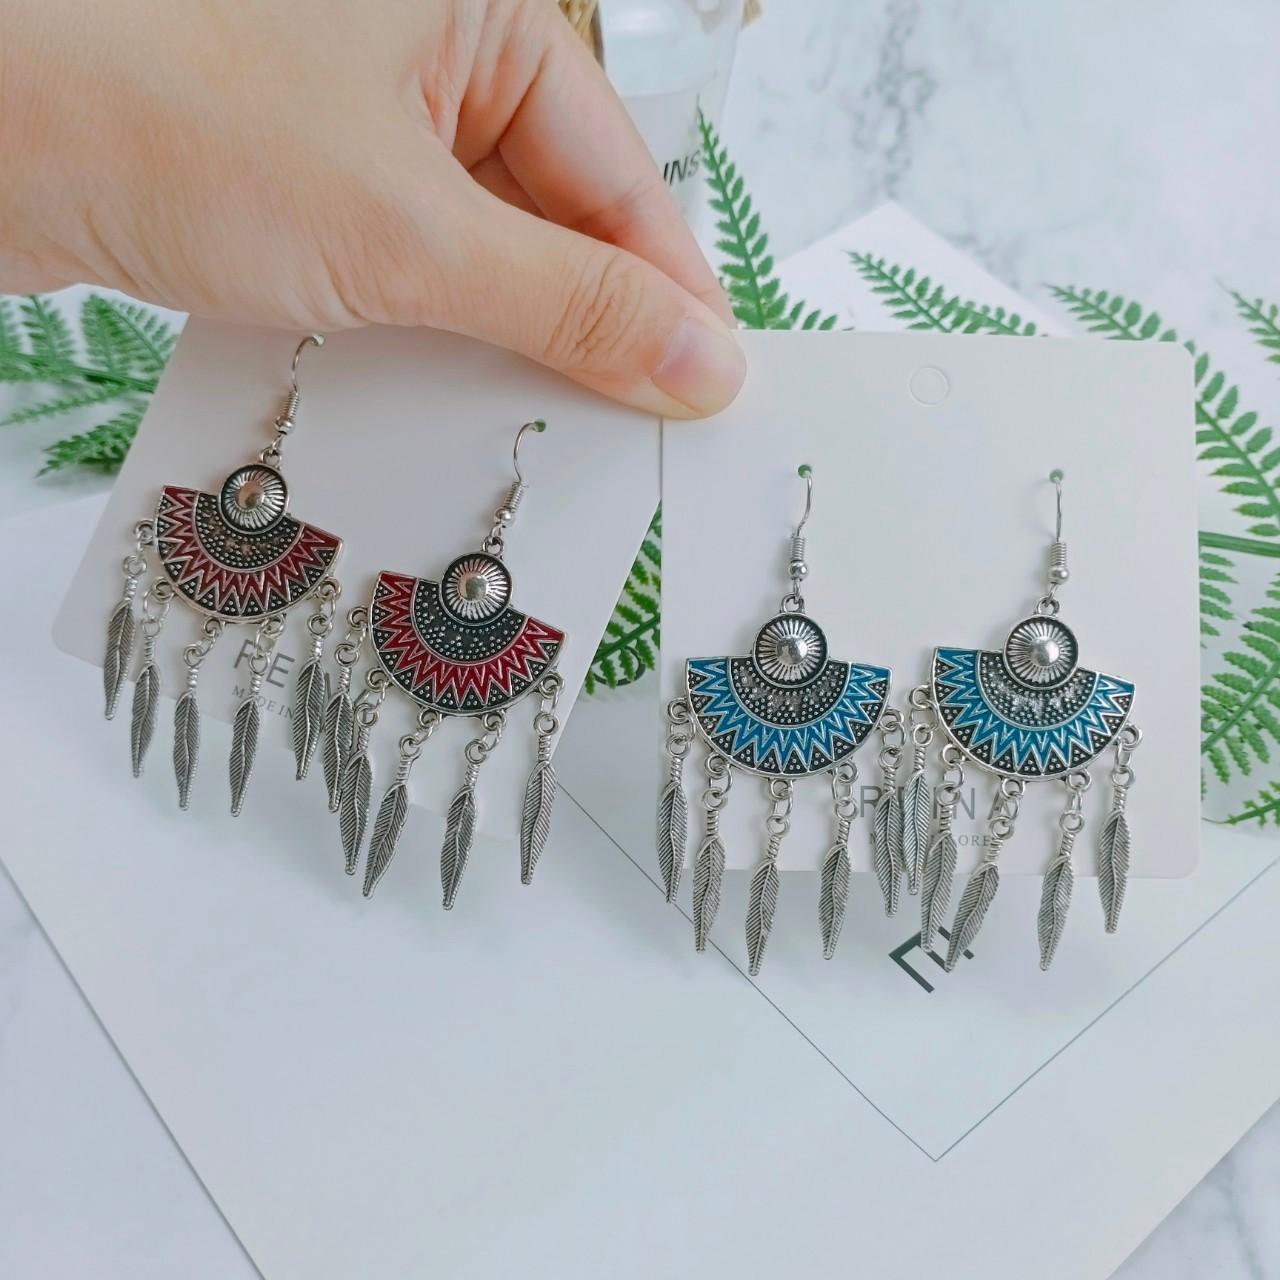 歐美風格銀色系冷色調扇形樹葉造型流蘇耳環埃及豔后線條半圓形夾式耳環